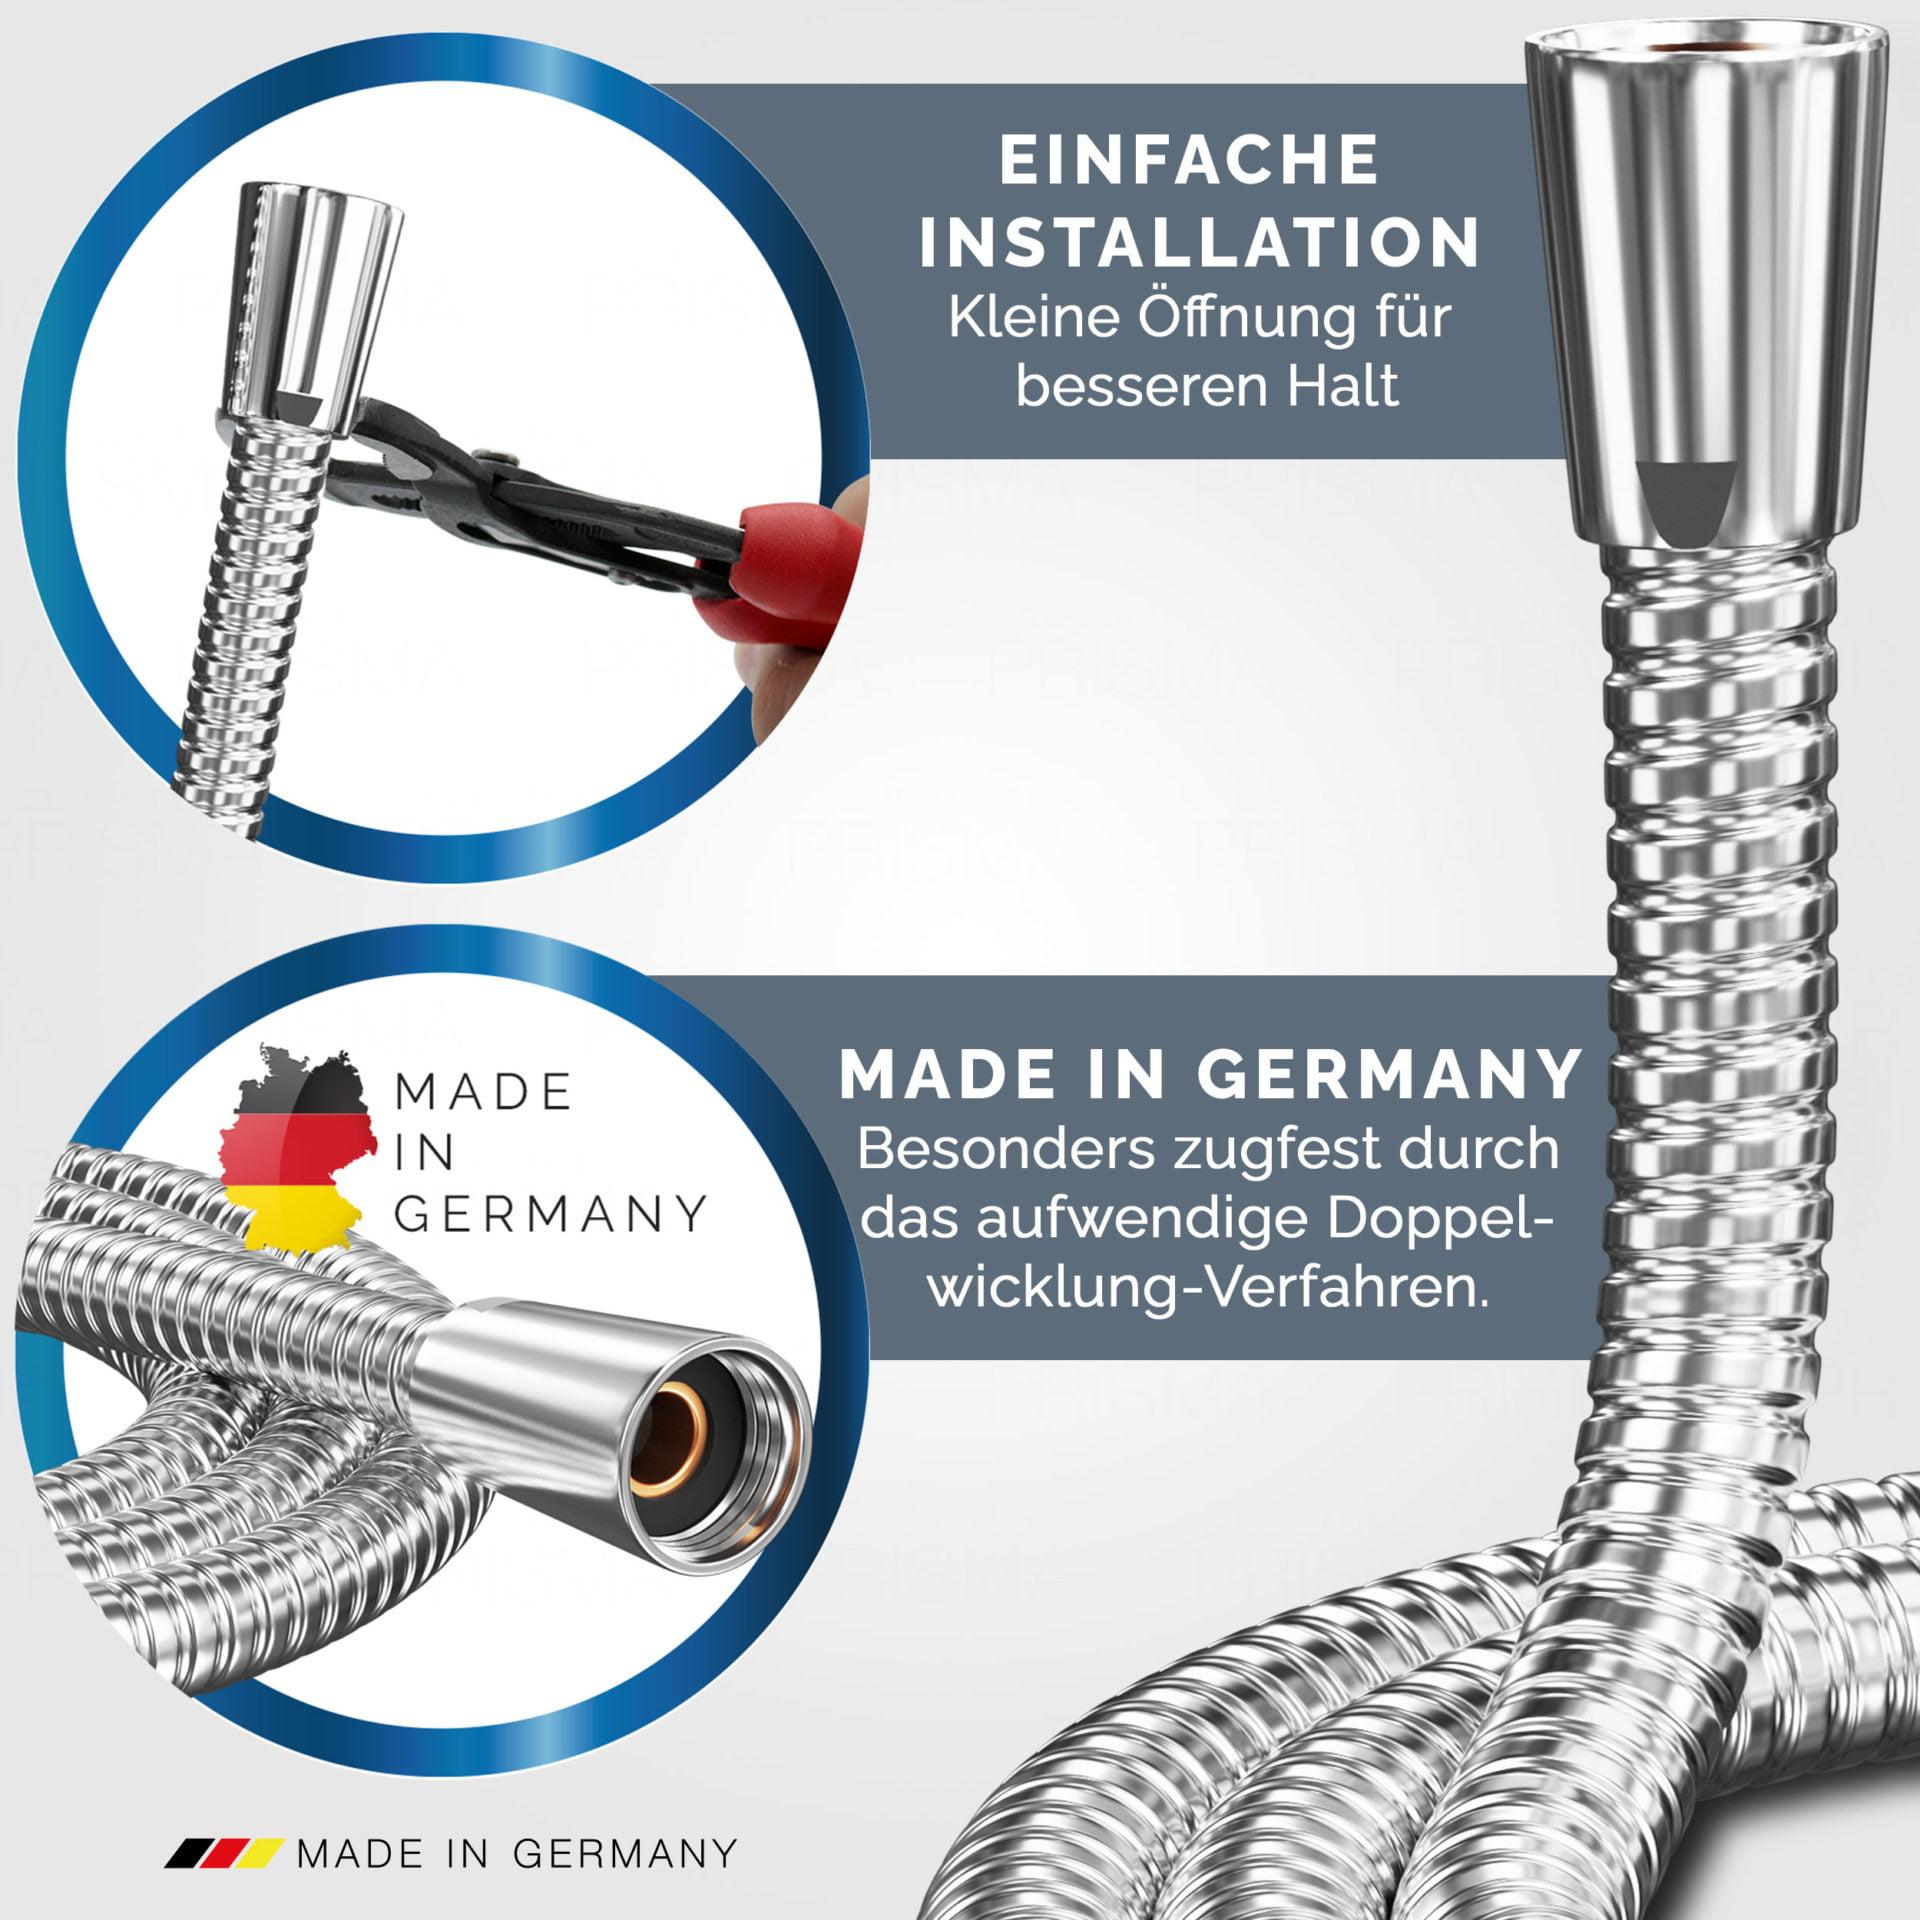 Prisma Edelstahl Brauseschlauch USP 2 - PRISMA Brauseschlauch aus Edelstahl • Made In Germany